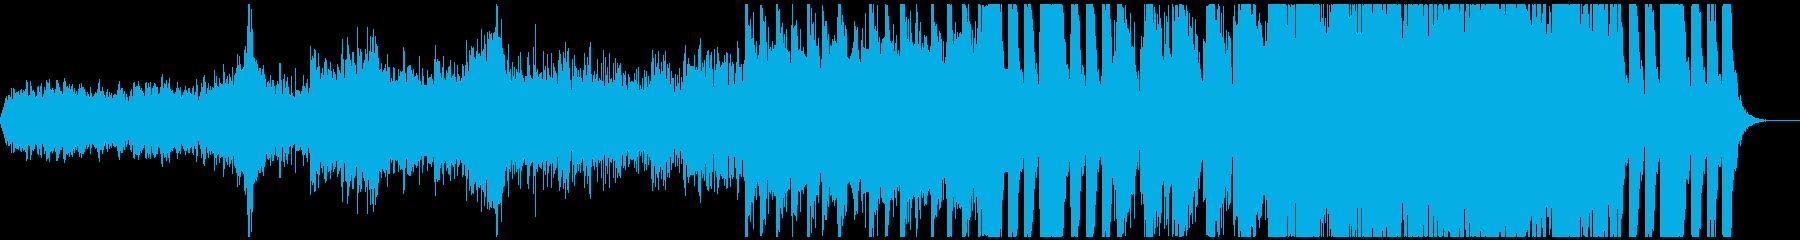 戦闘曲(ピンチの時)の再生済みの波形